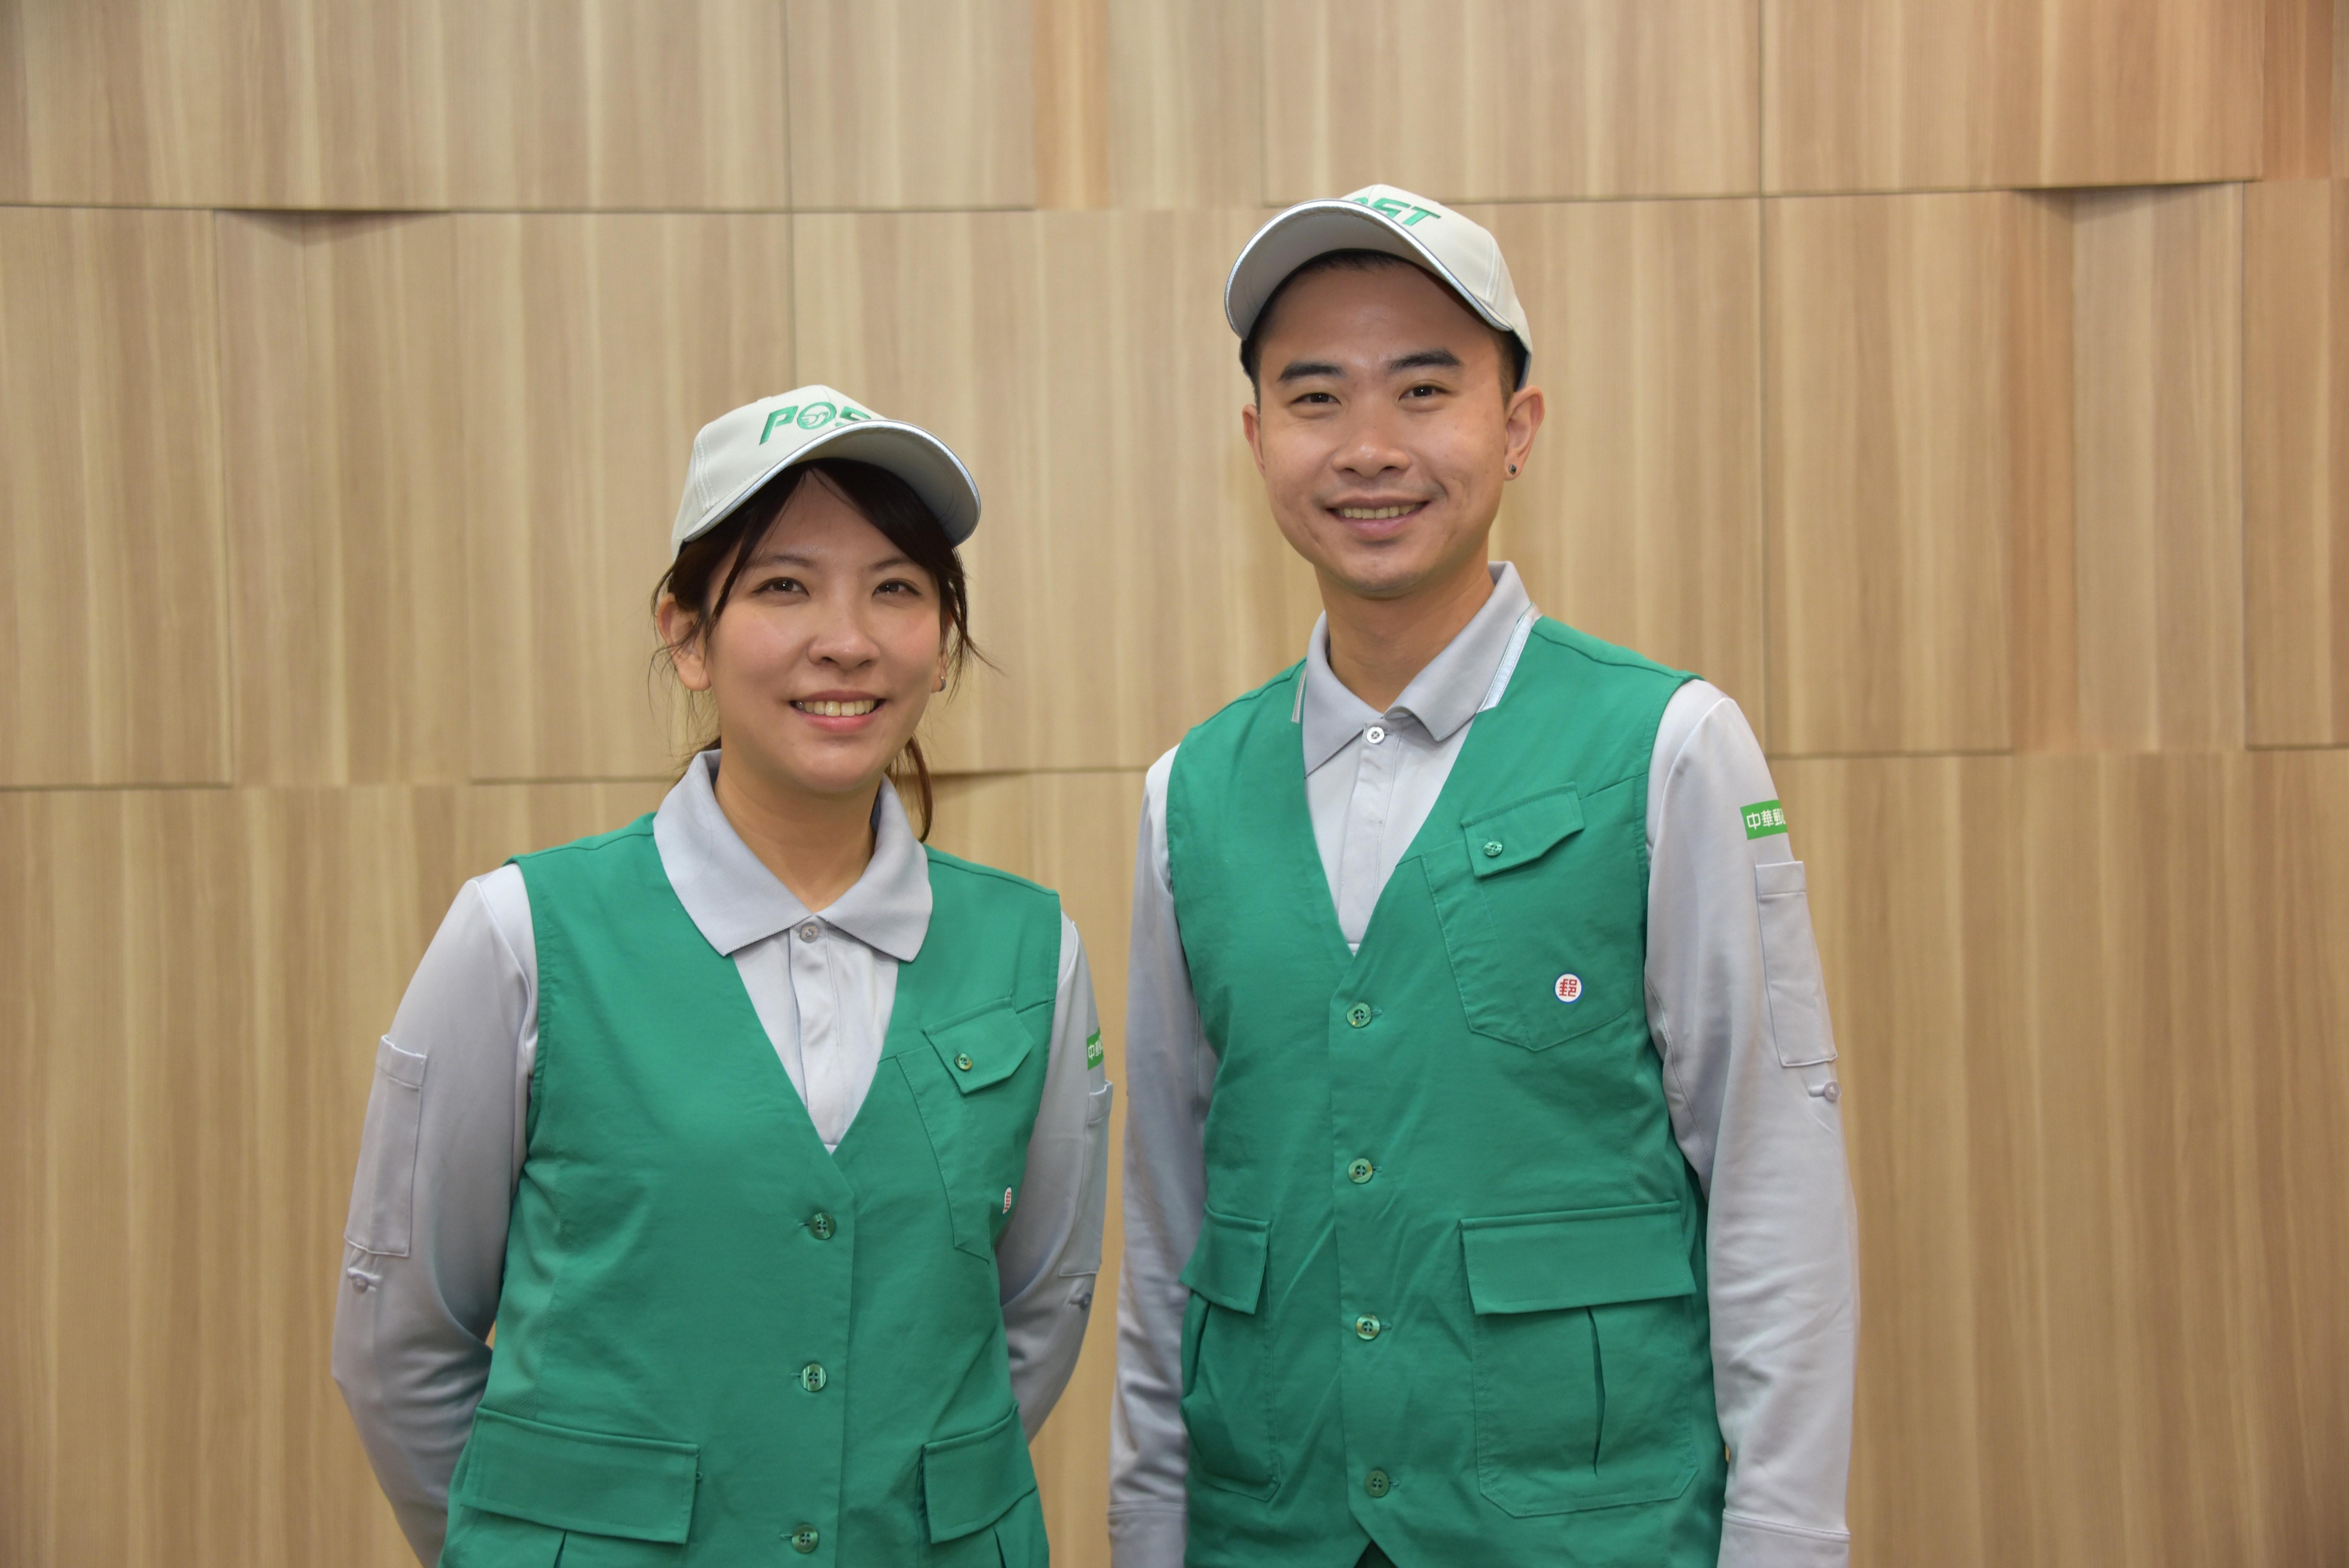 中華郵政新款郵差夏季制服